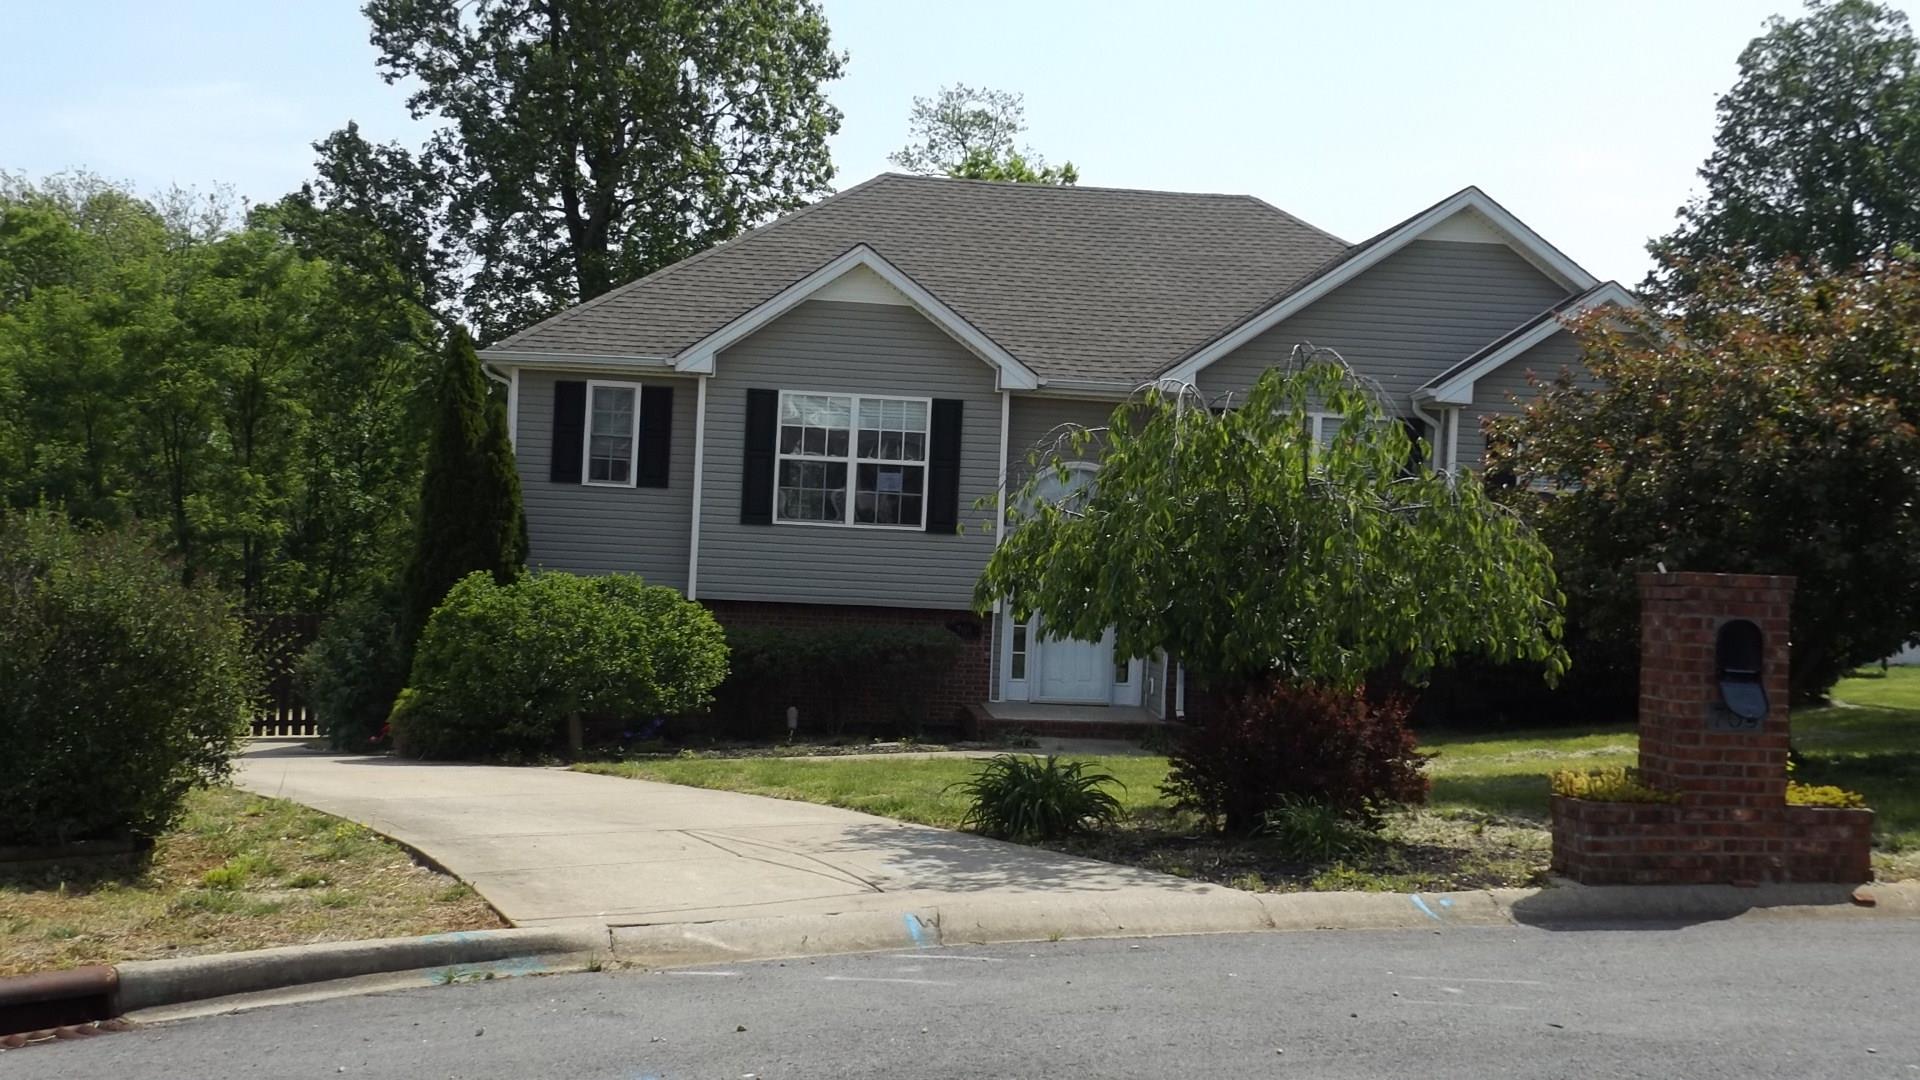 Photo of 705 Shamrock  Clarksville  TN